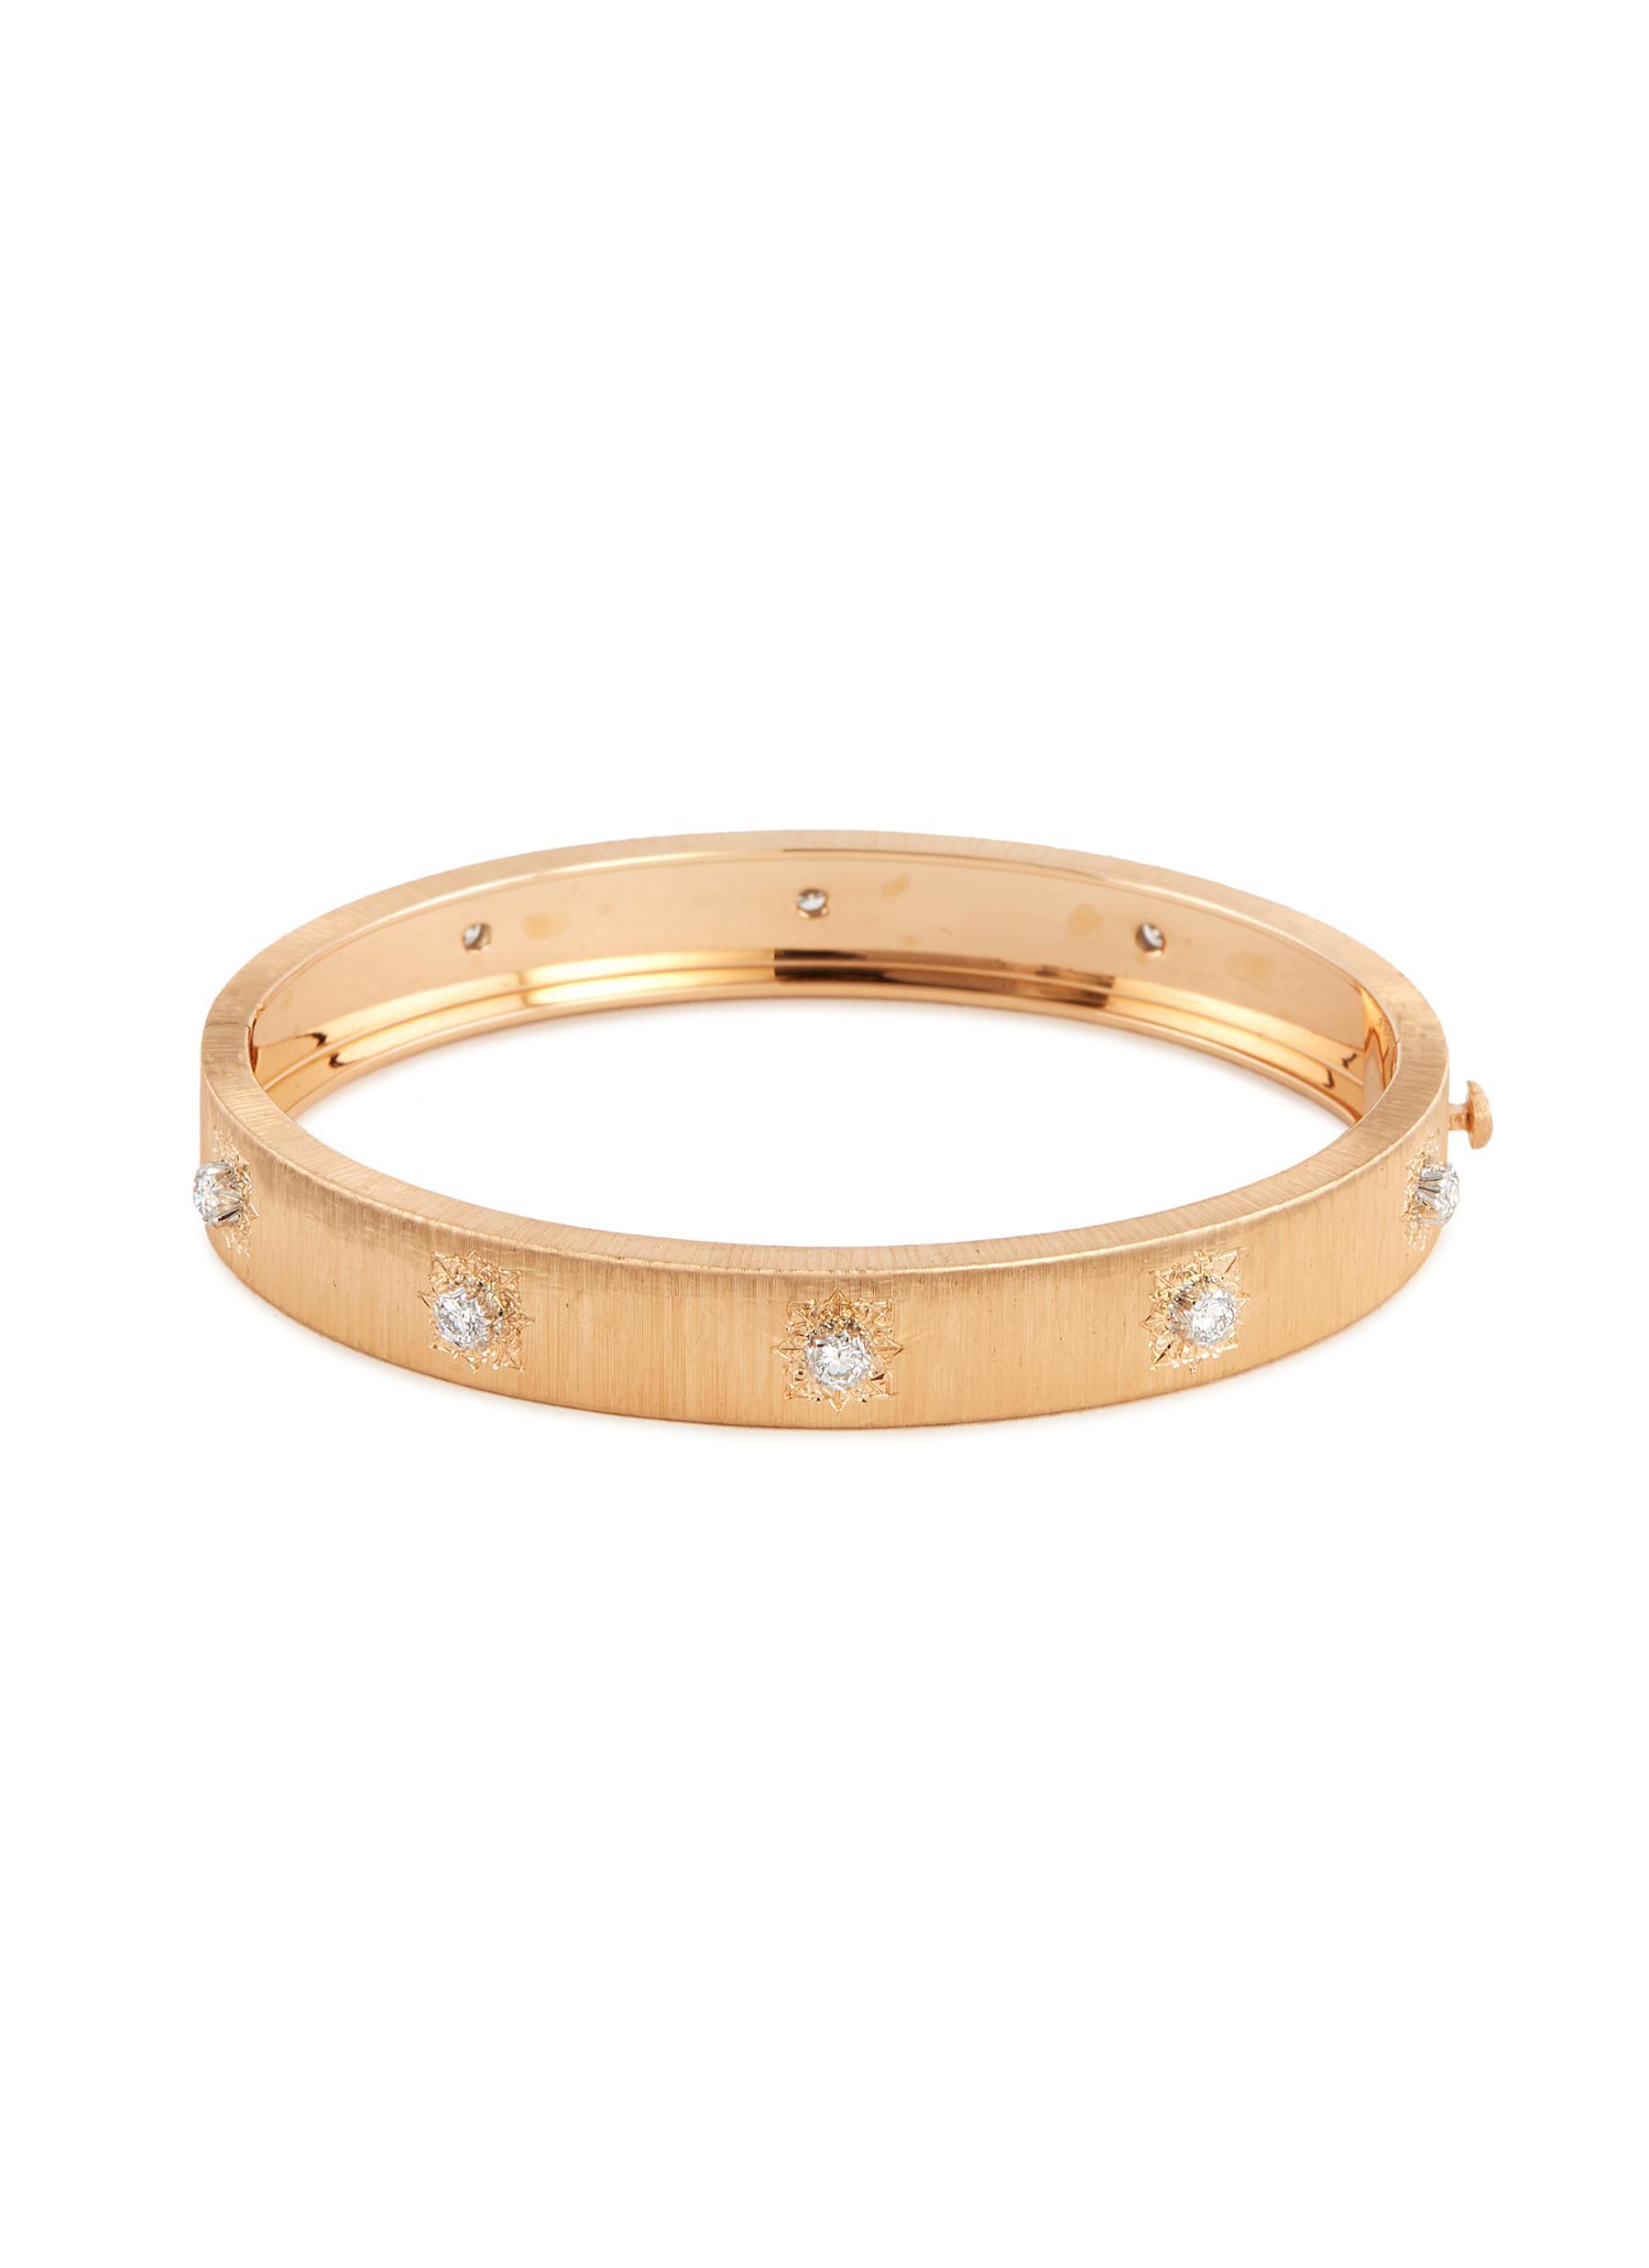 'Macri Classica' diamond gold bangle